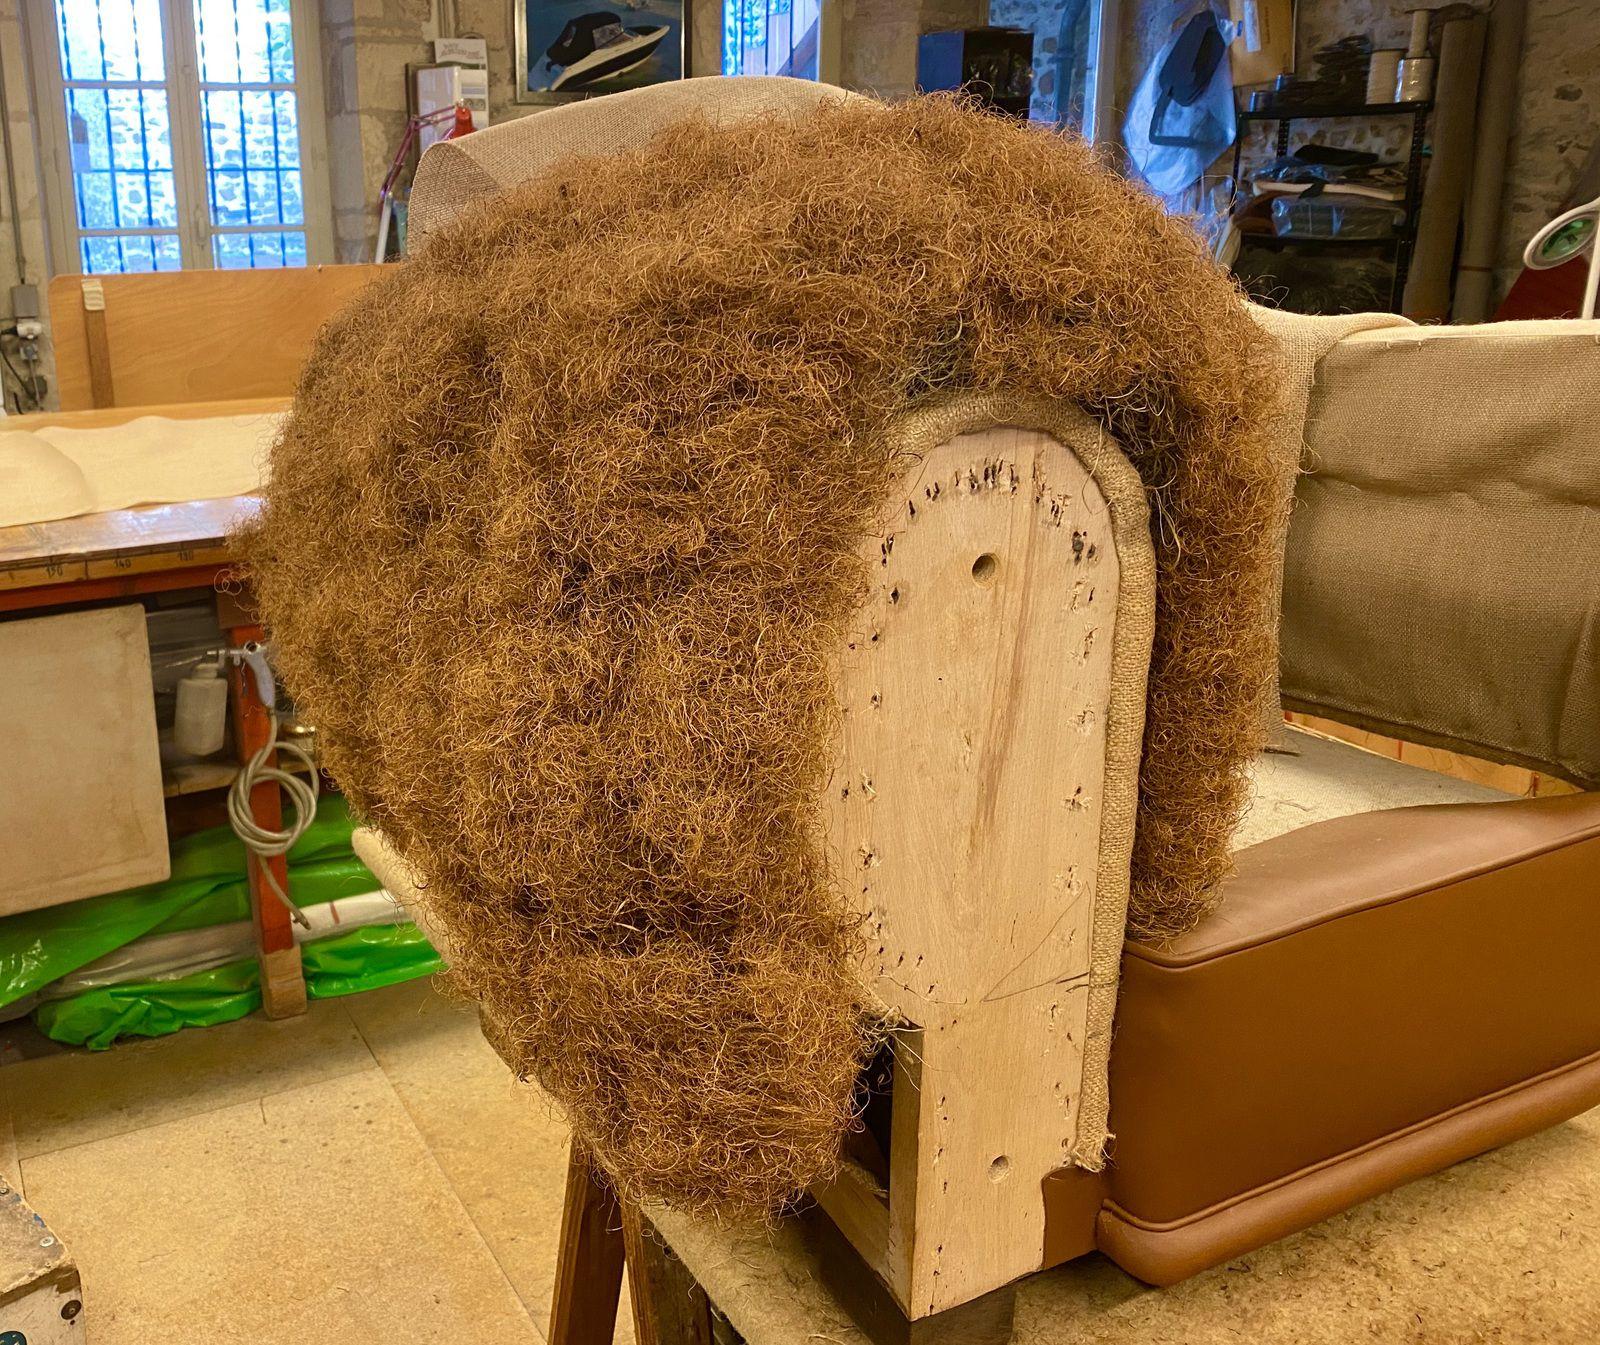 Réfection fauteuil Club - Atelier hafner tapissier sellier